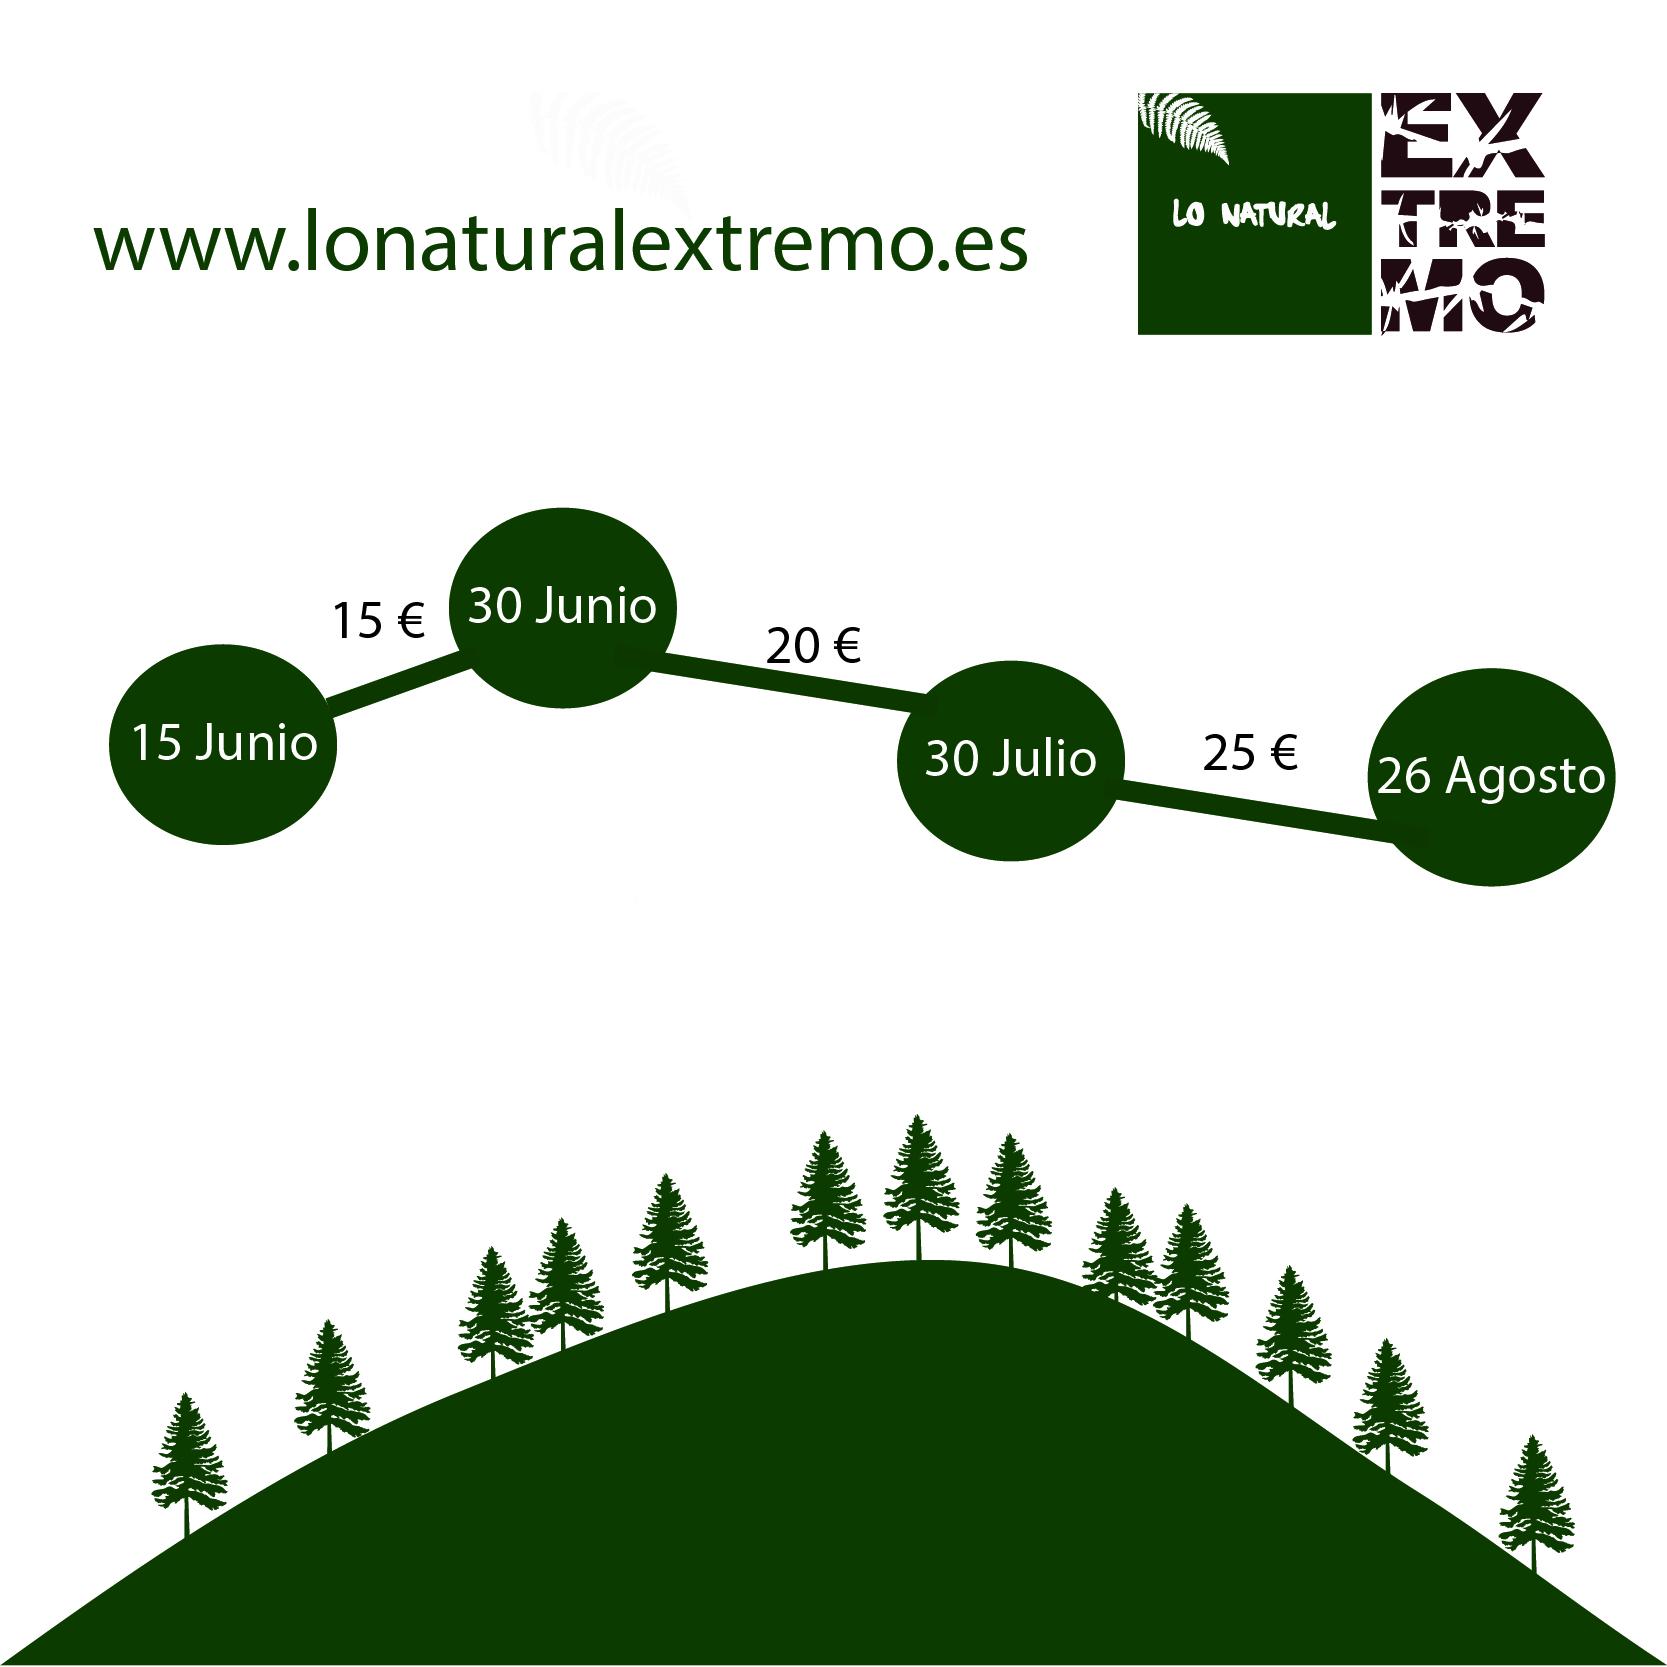 La IV edición de Lo Natural Extremo abre inscripciones el 15 de Junio